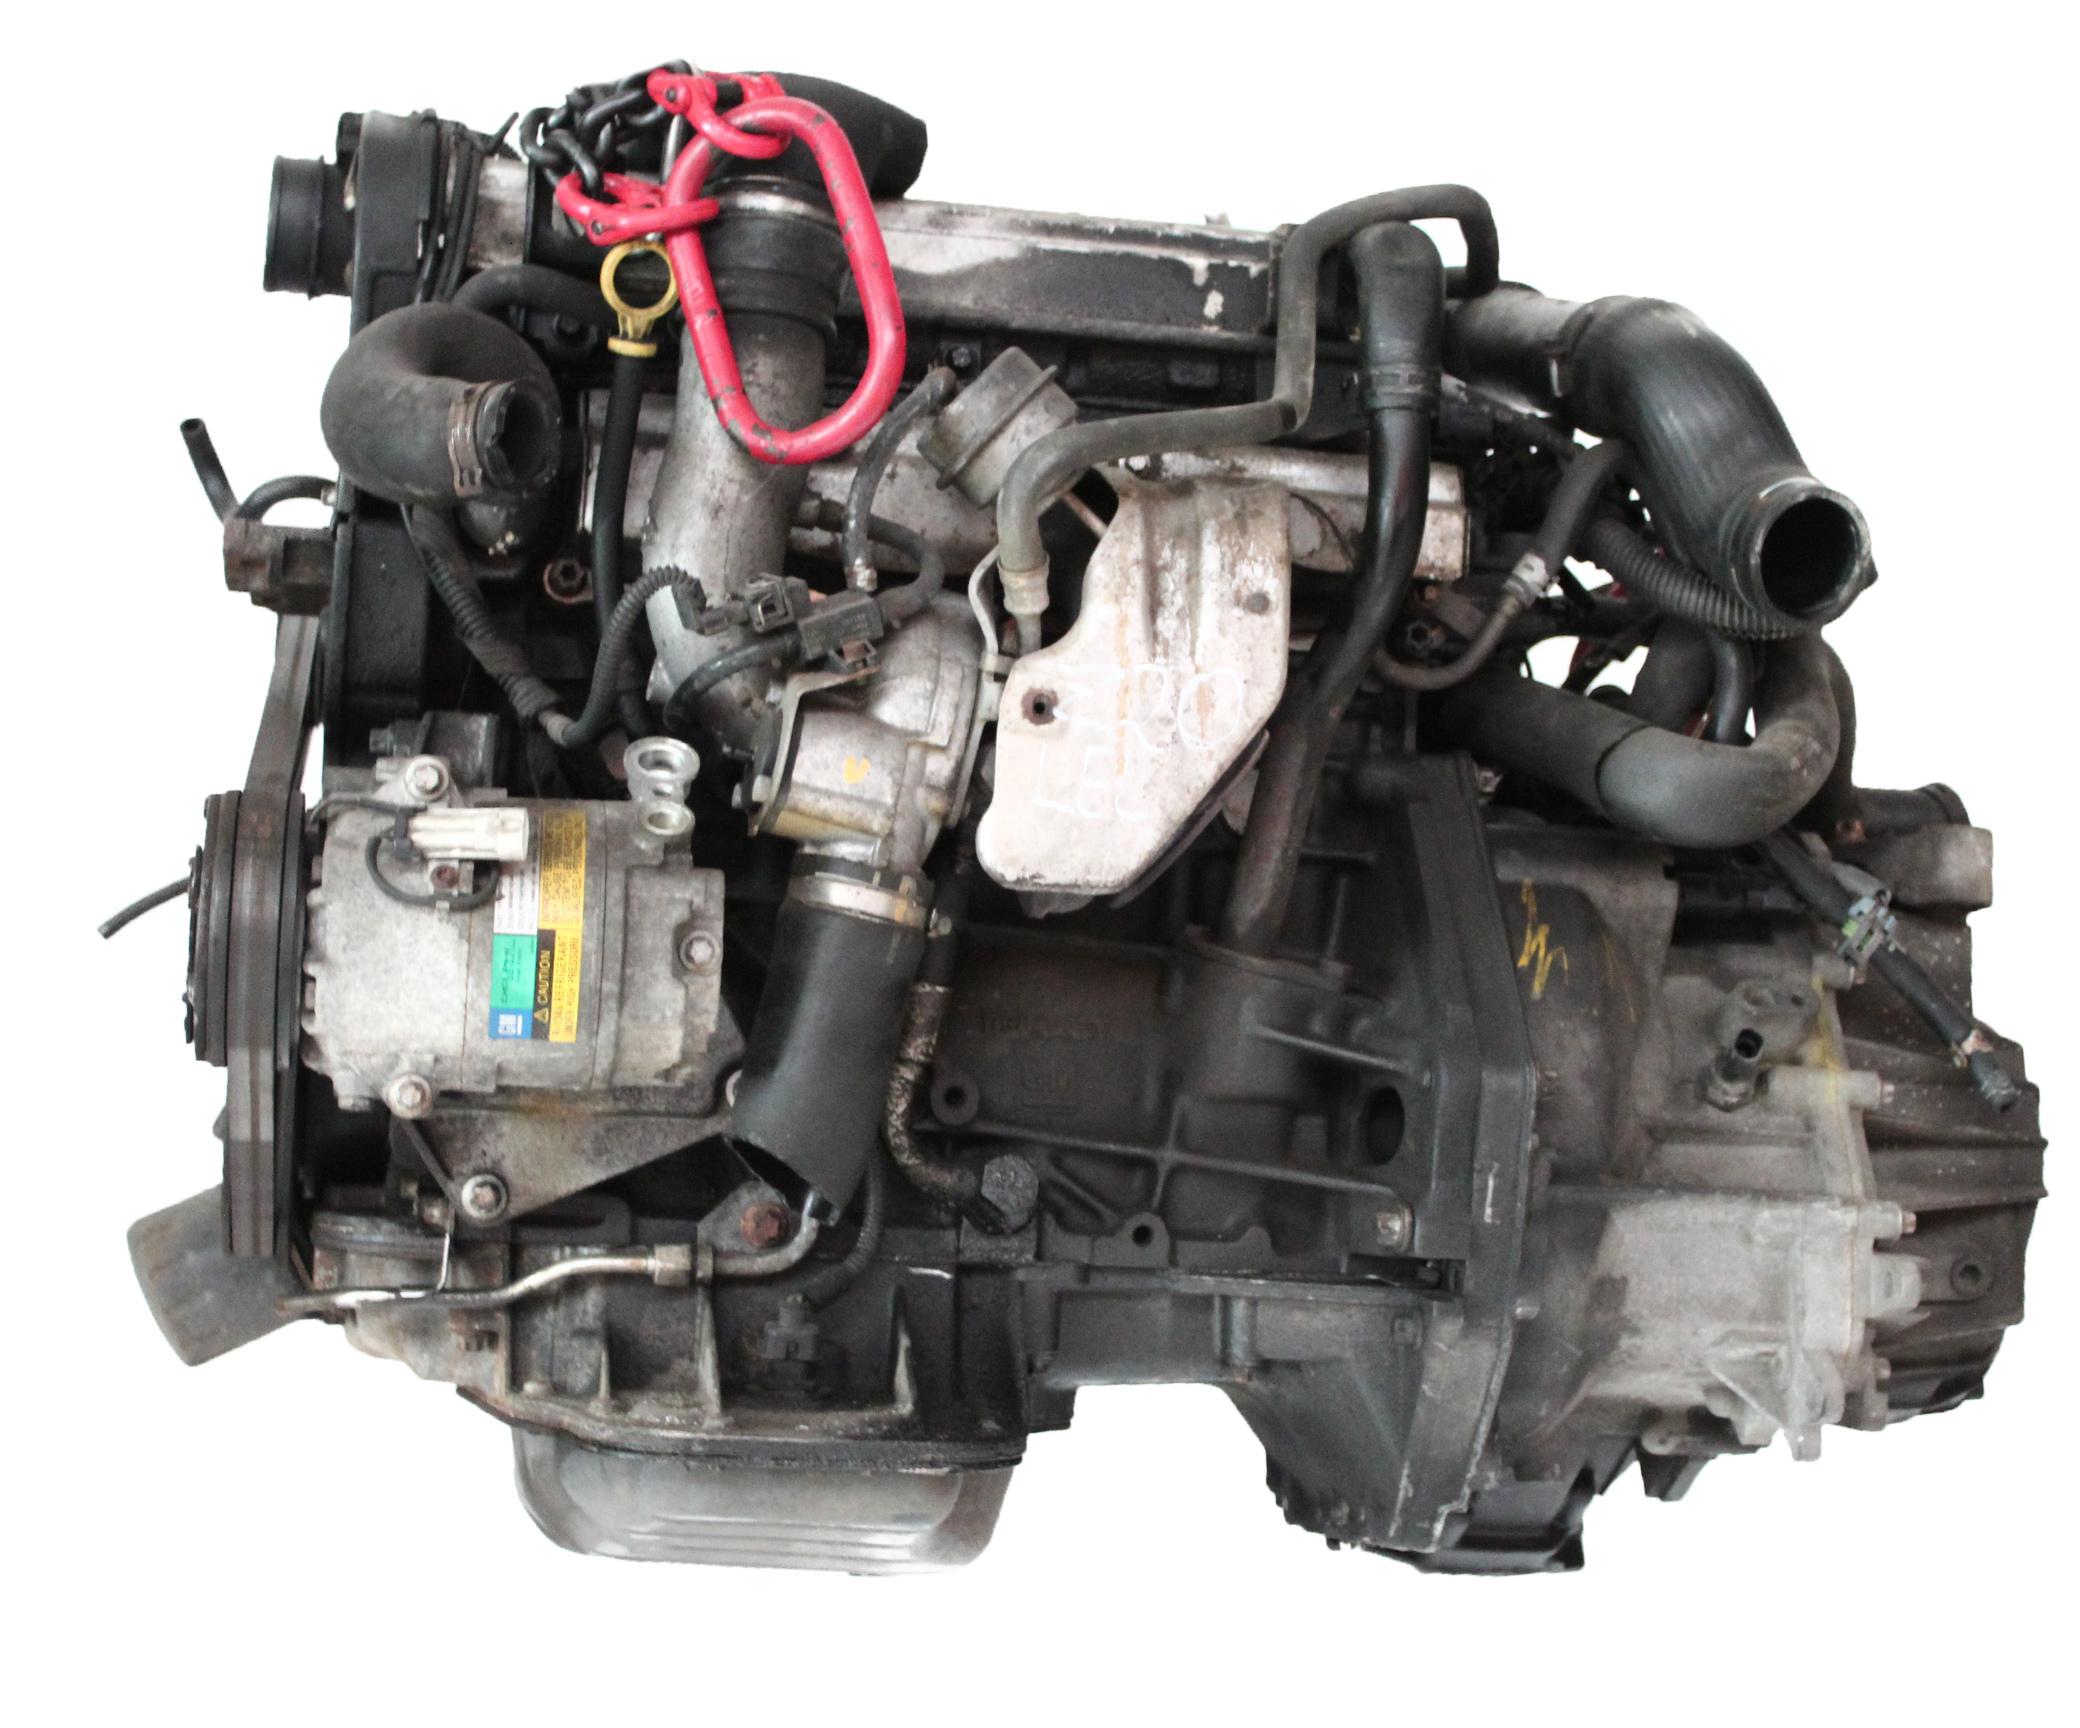 Motor 2004 Opel Astra H 2,0 Turbo Z20 Z20LEL mit Getriebe und Anbauteilen